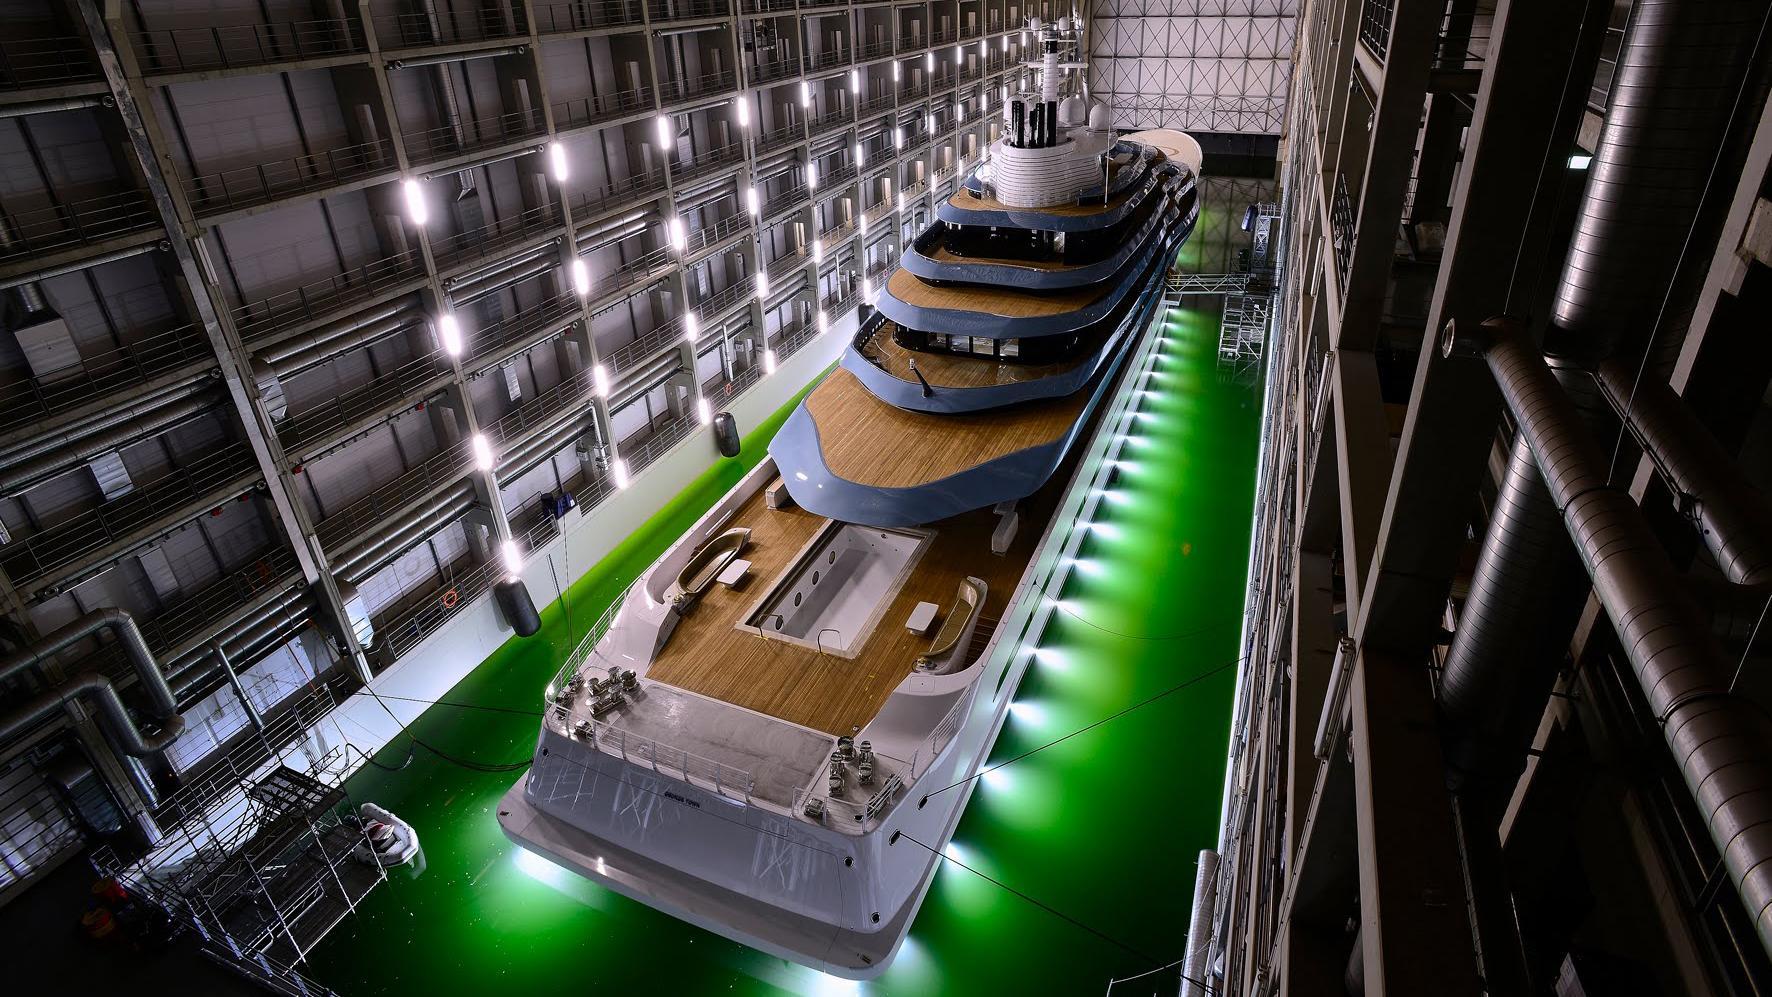 jubilee motoryacht oceanco y714 110m 2017 shed aerial